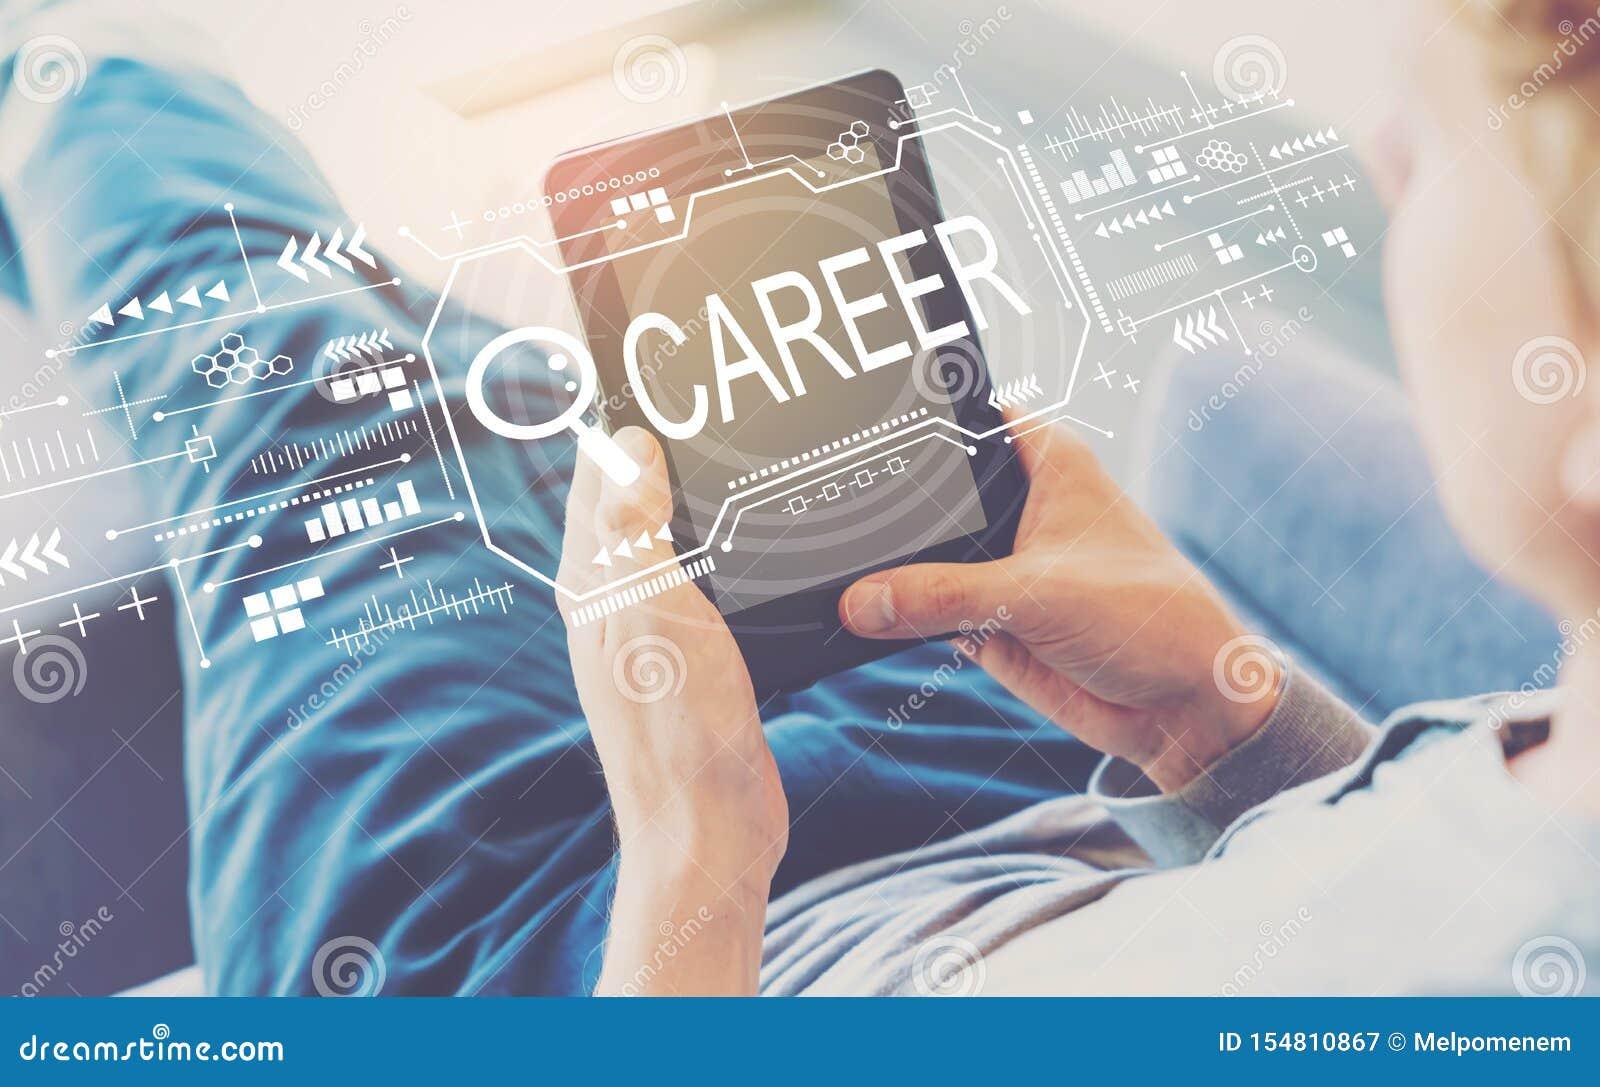 Suchen des Karrierethemas mit Mann unter Verwendung einer Tablette